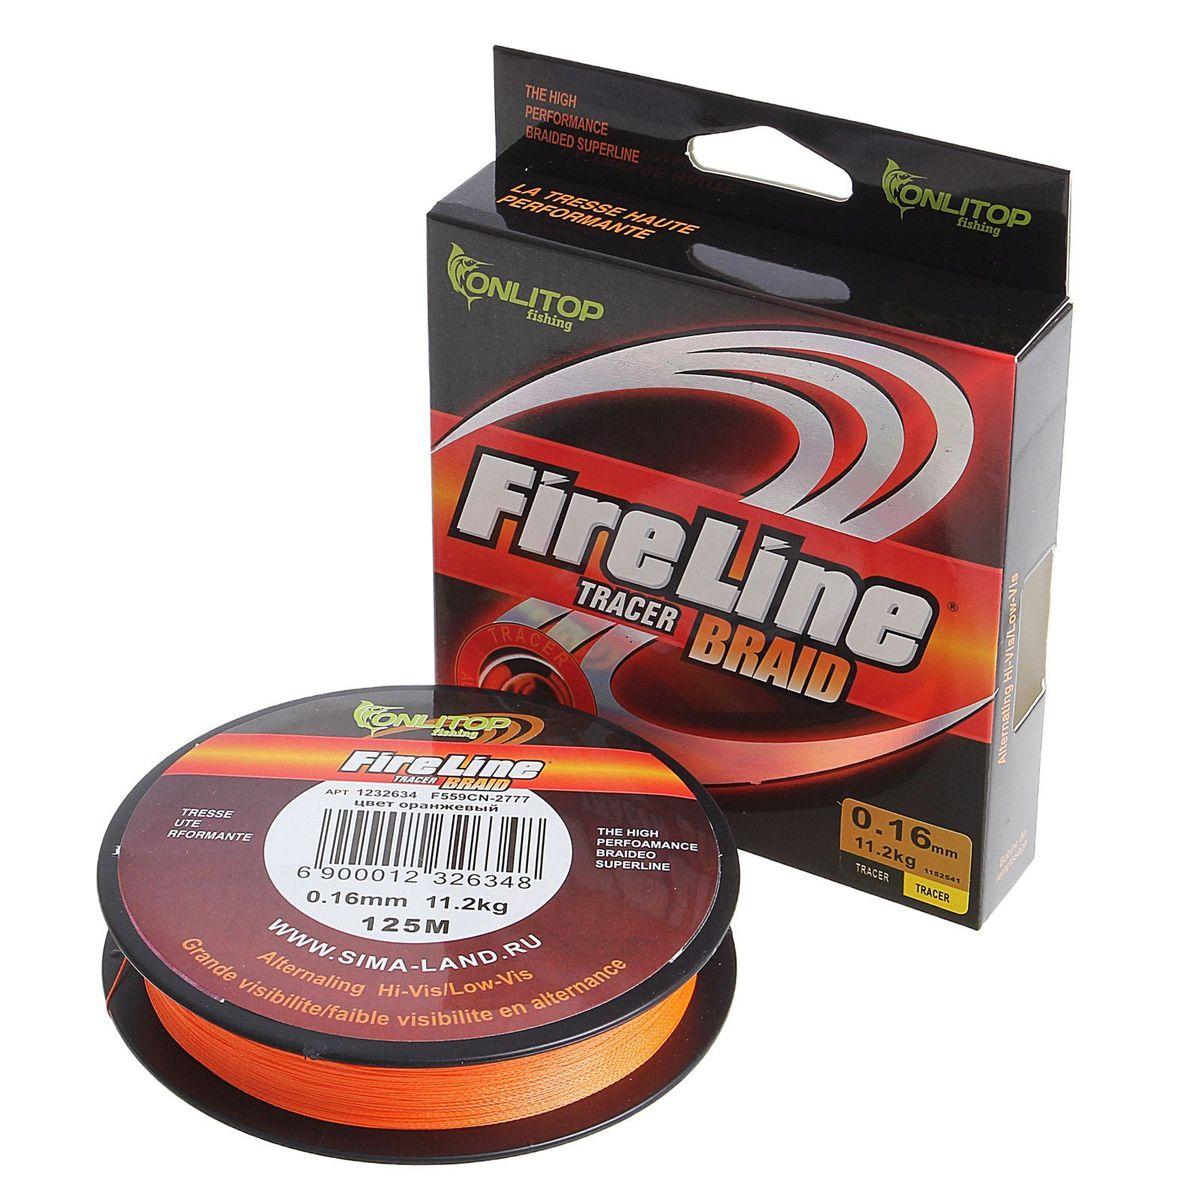 Плетеный шнур Onlitop Easy Cast, толщина 0,16 мм, длина 125 м, цвет: оранжевый06/5/07Особенности Шнур Easy Cast : низкая цена шнура;низкая гигроскопичность (не впитывает воду);положительная плавучесть;устойчивость к соленой воде (шнуры для морской рыбалки);устойчивость к агрессивным средам;не теряет свойств до 80 градусов Цельсия ;широкая гамма цветов.